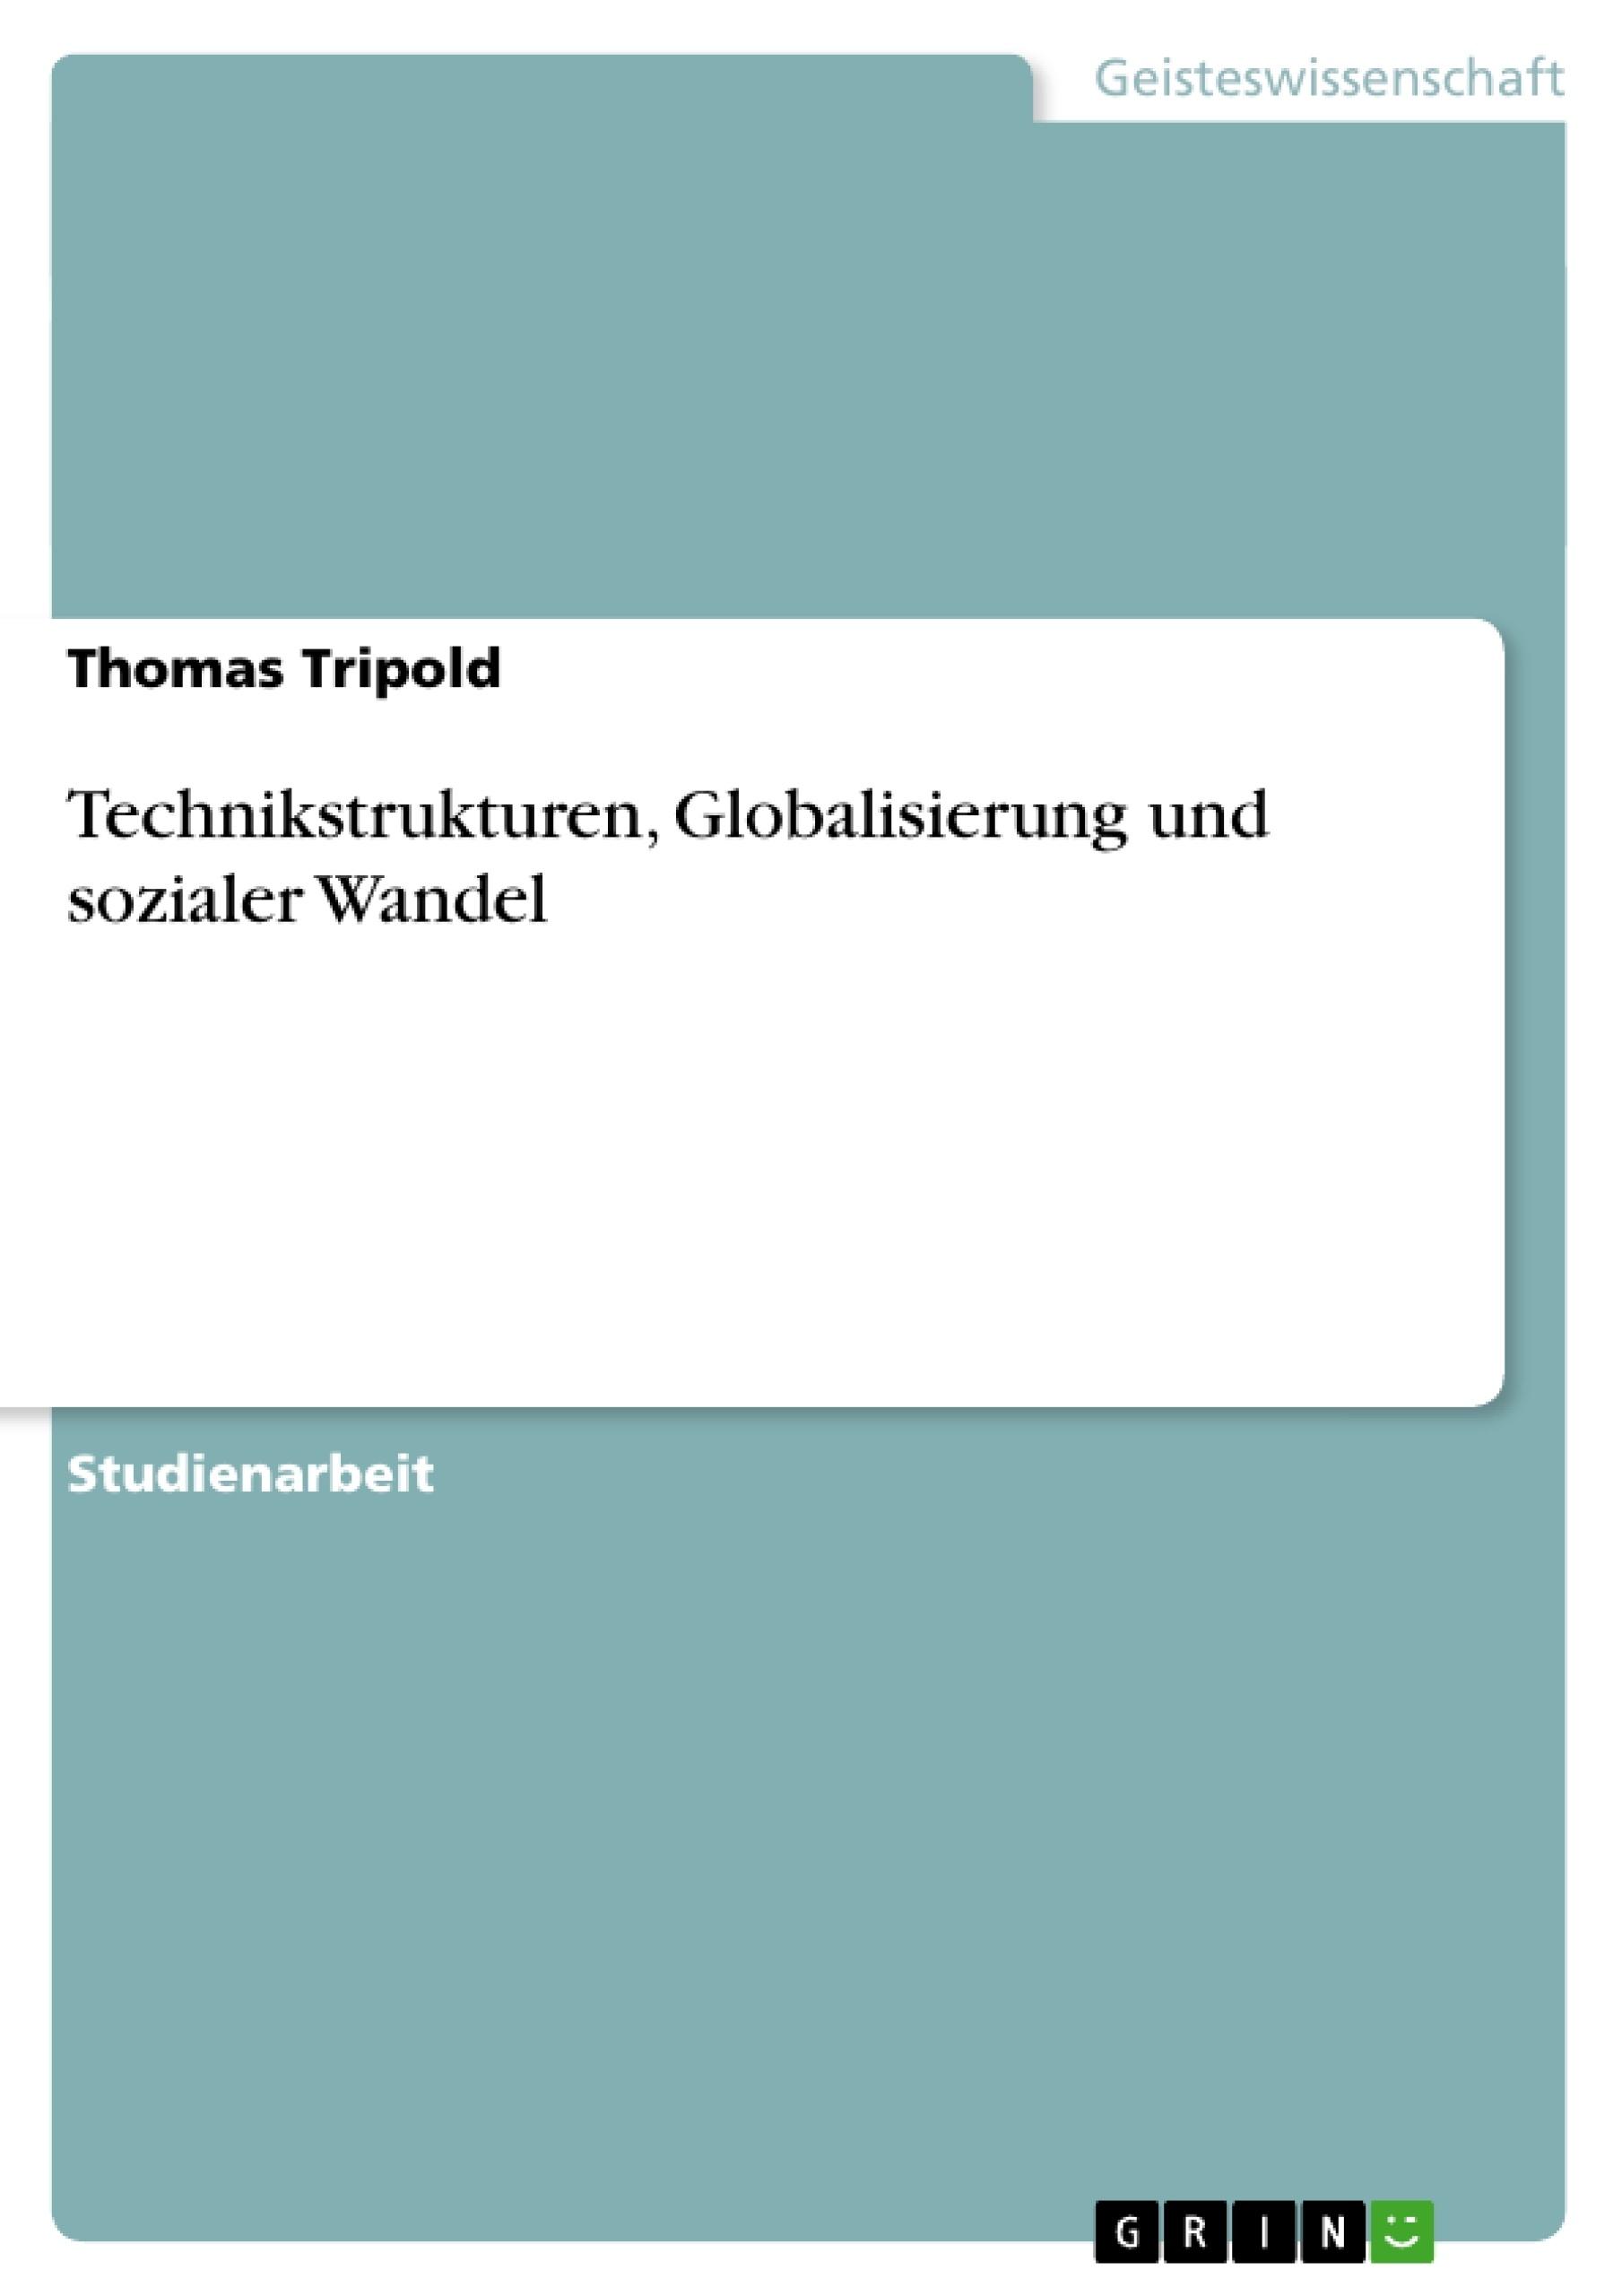 Titel: Technikstrukturen, Globalisierung und sozialer Wandel